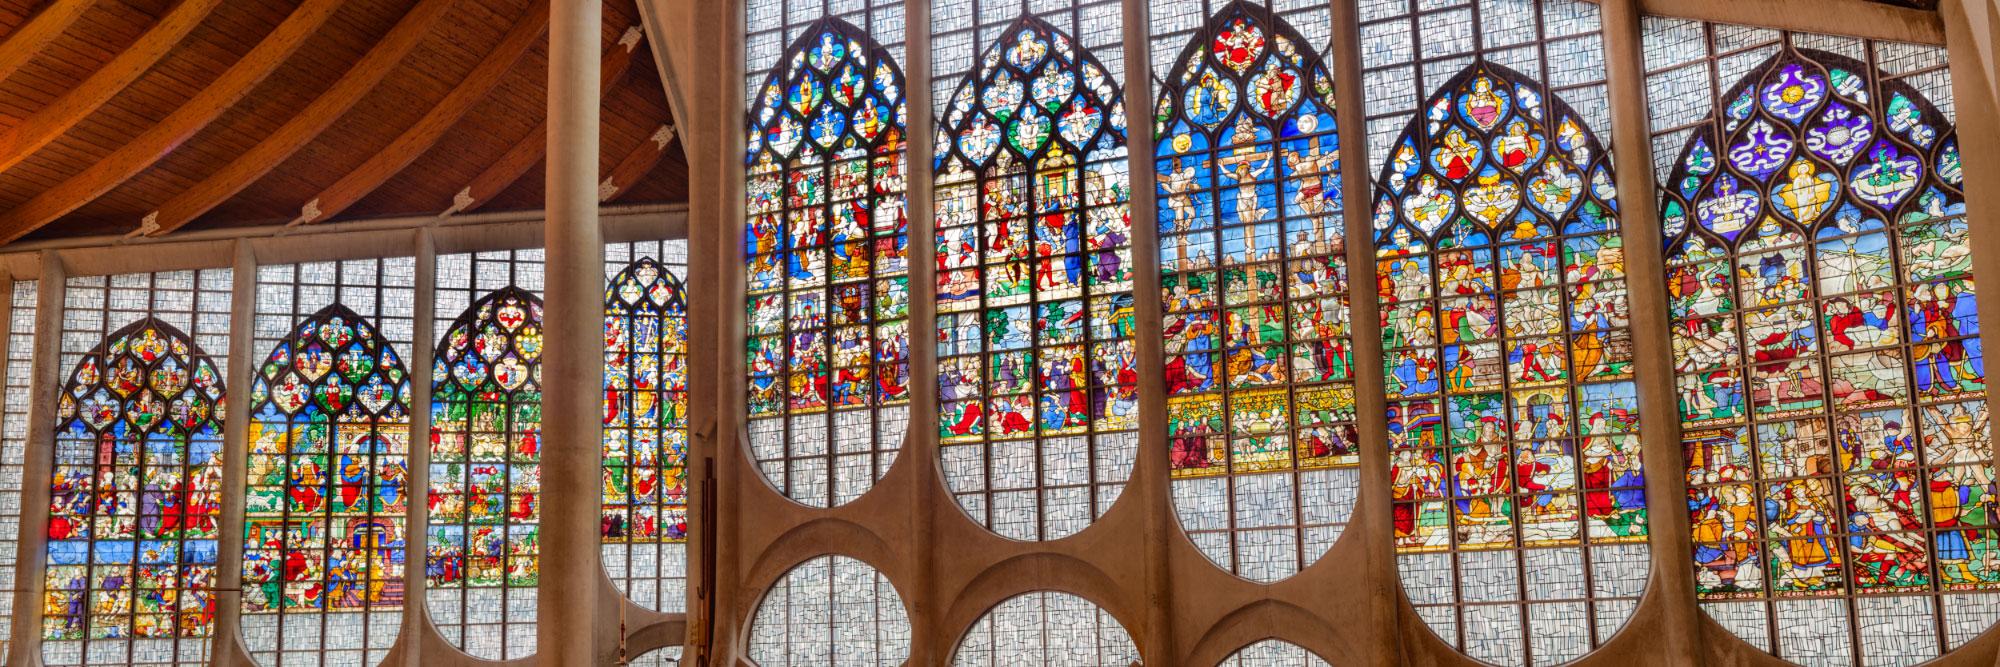 Vitraux de l'église Jeanne d'Arc, Rouen